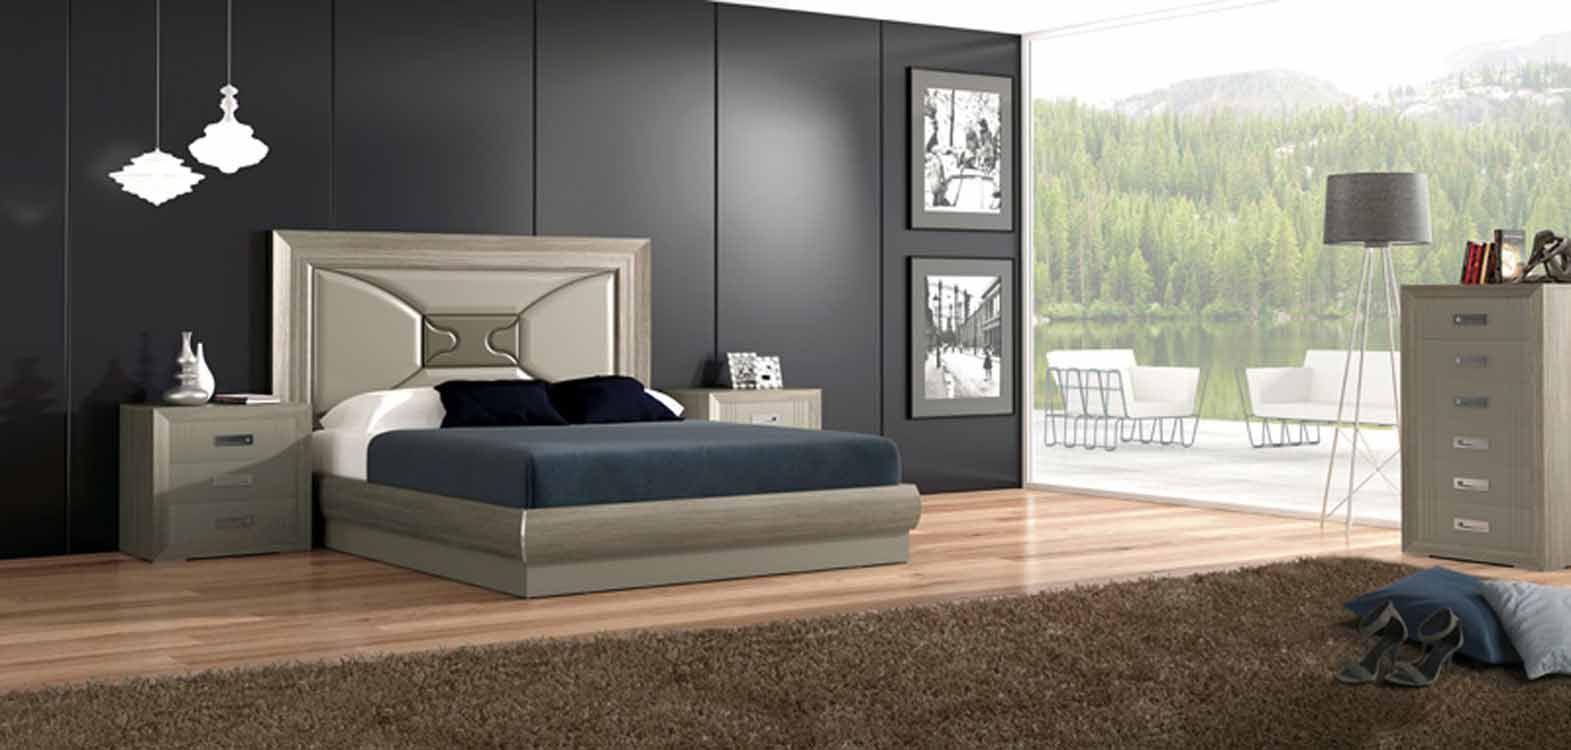 Muebles Mu Oz Para Comprar Muebles De Dormitorio Modernos  # Muebles Dormitorio Moderno